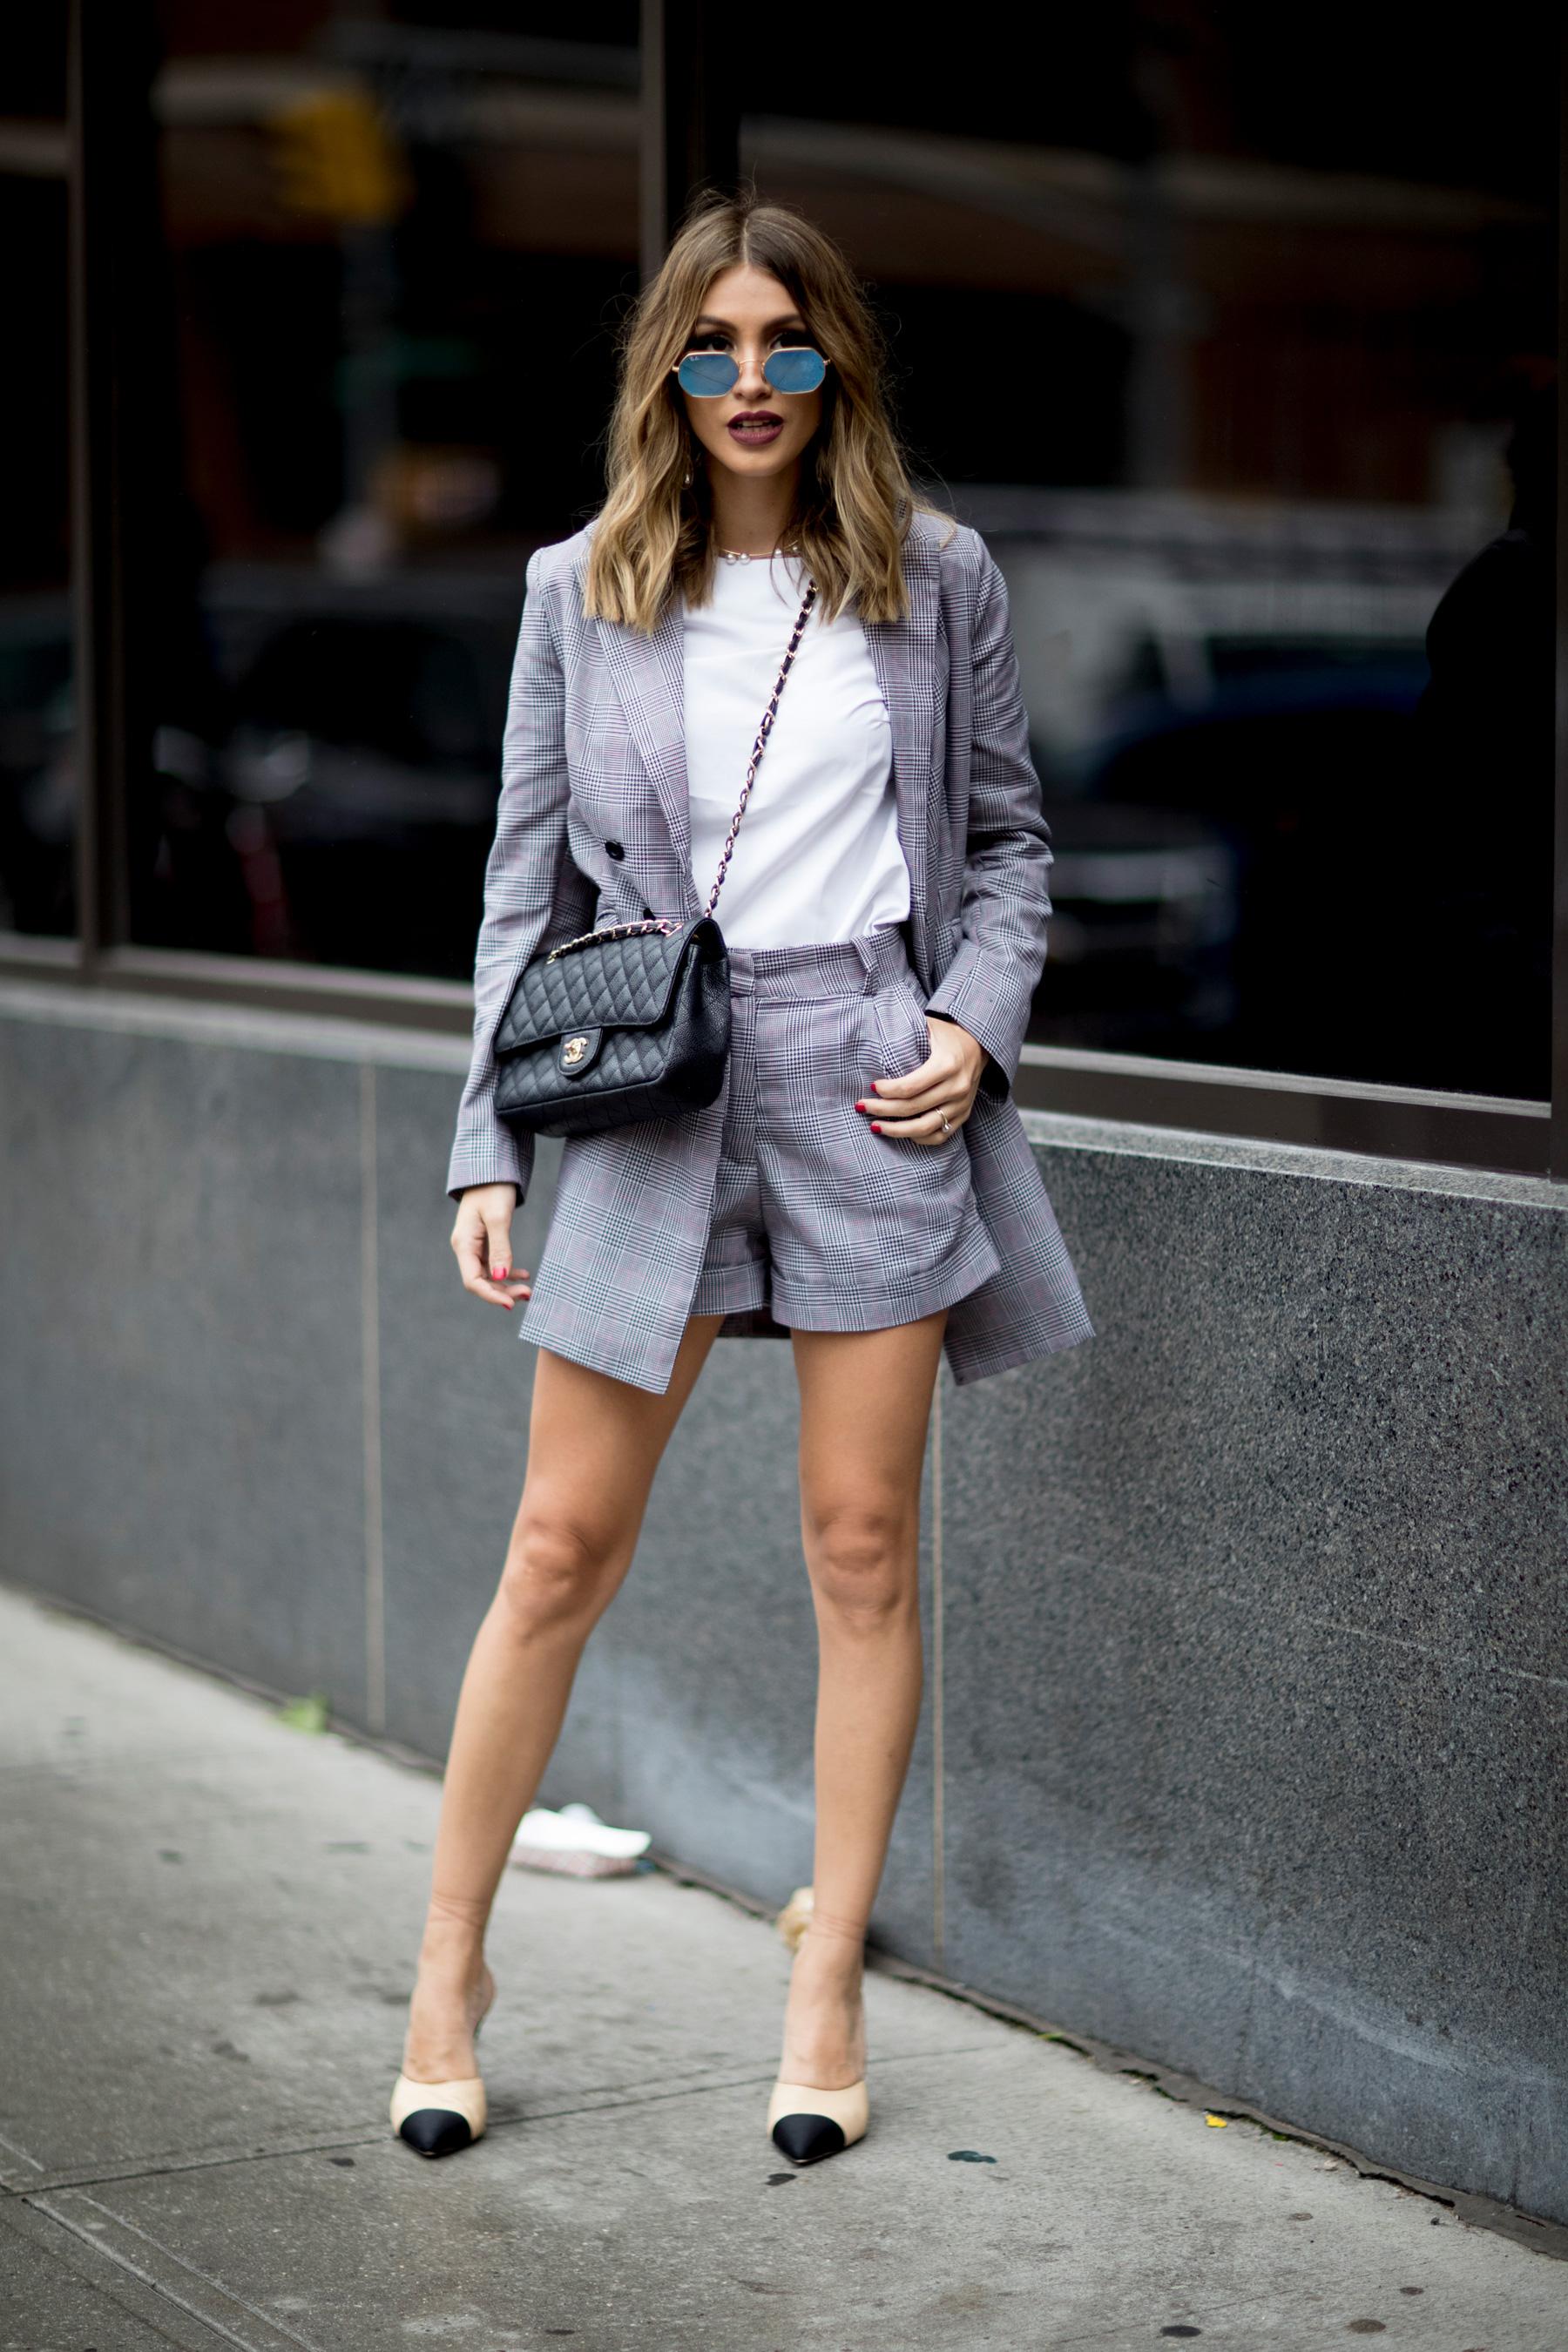 今年最流行的服装搭配_2013年最流行服装搭配法